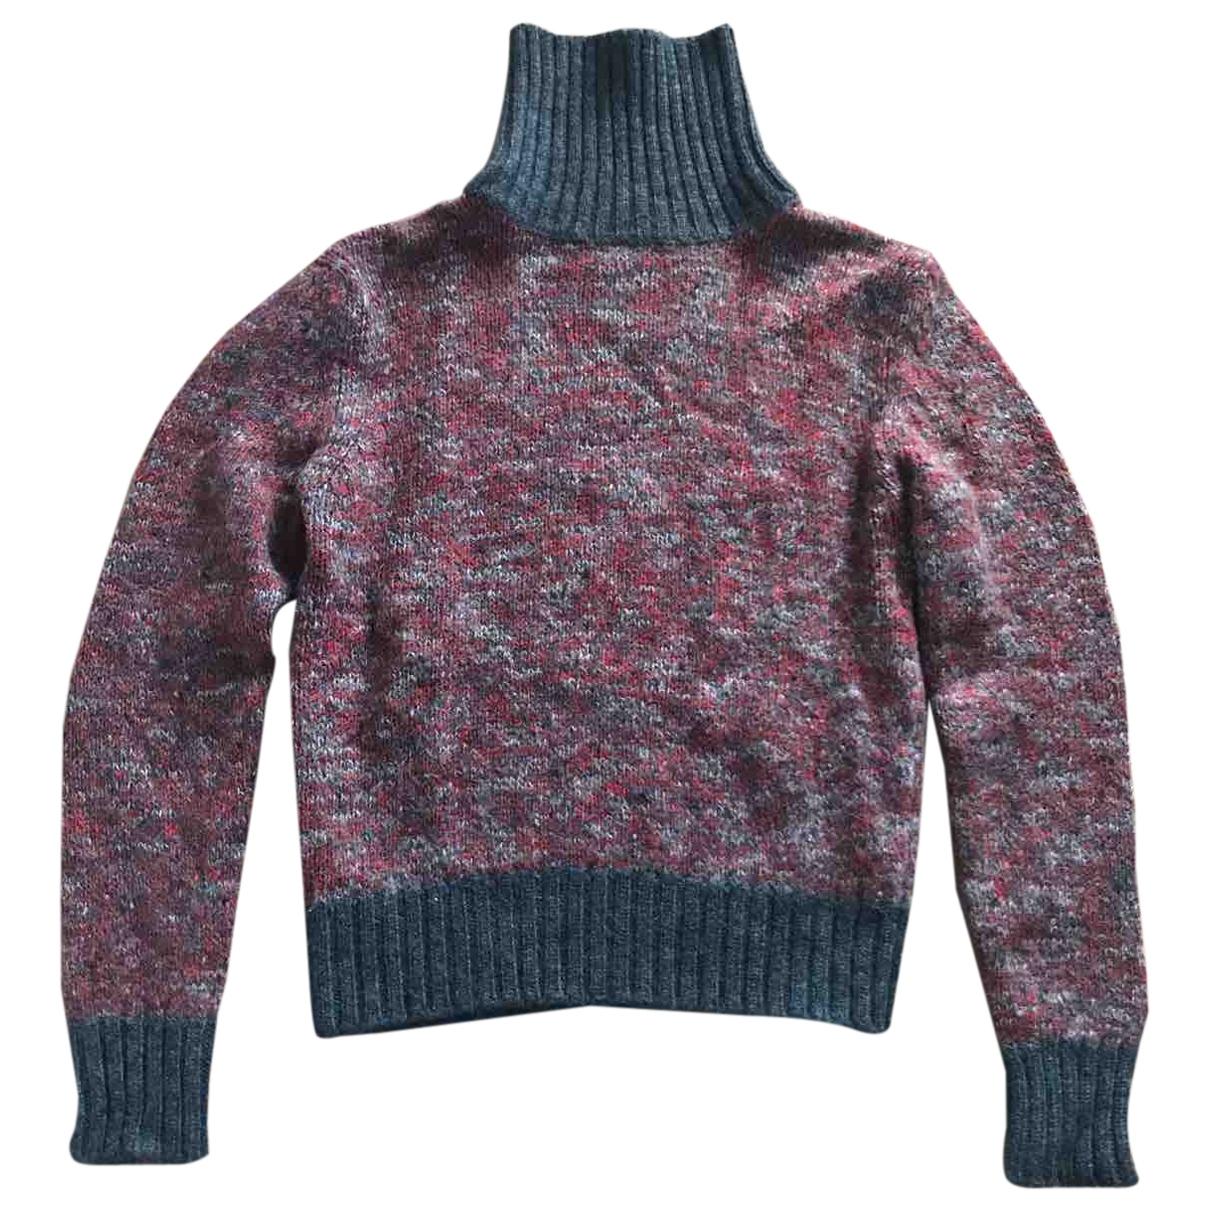 D&g \N Burgundy Wool Knitwear for Women L International